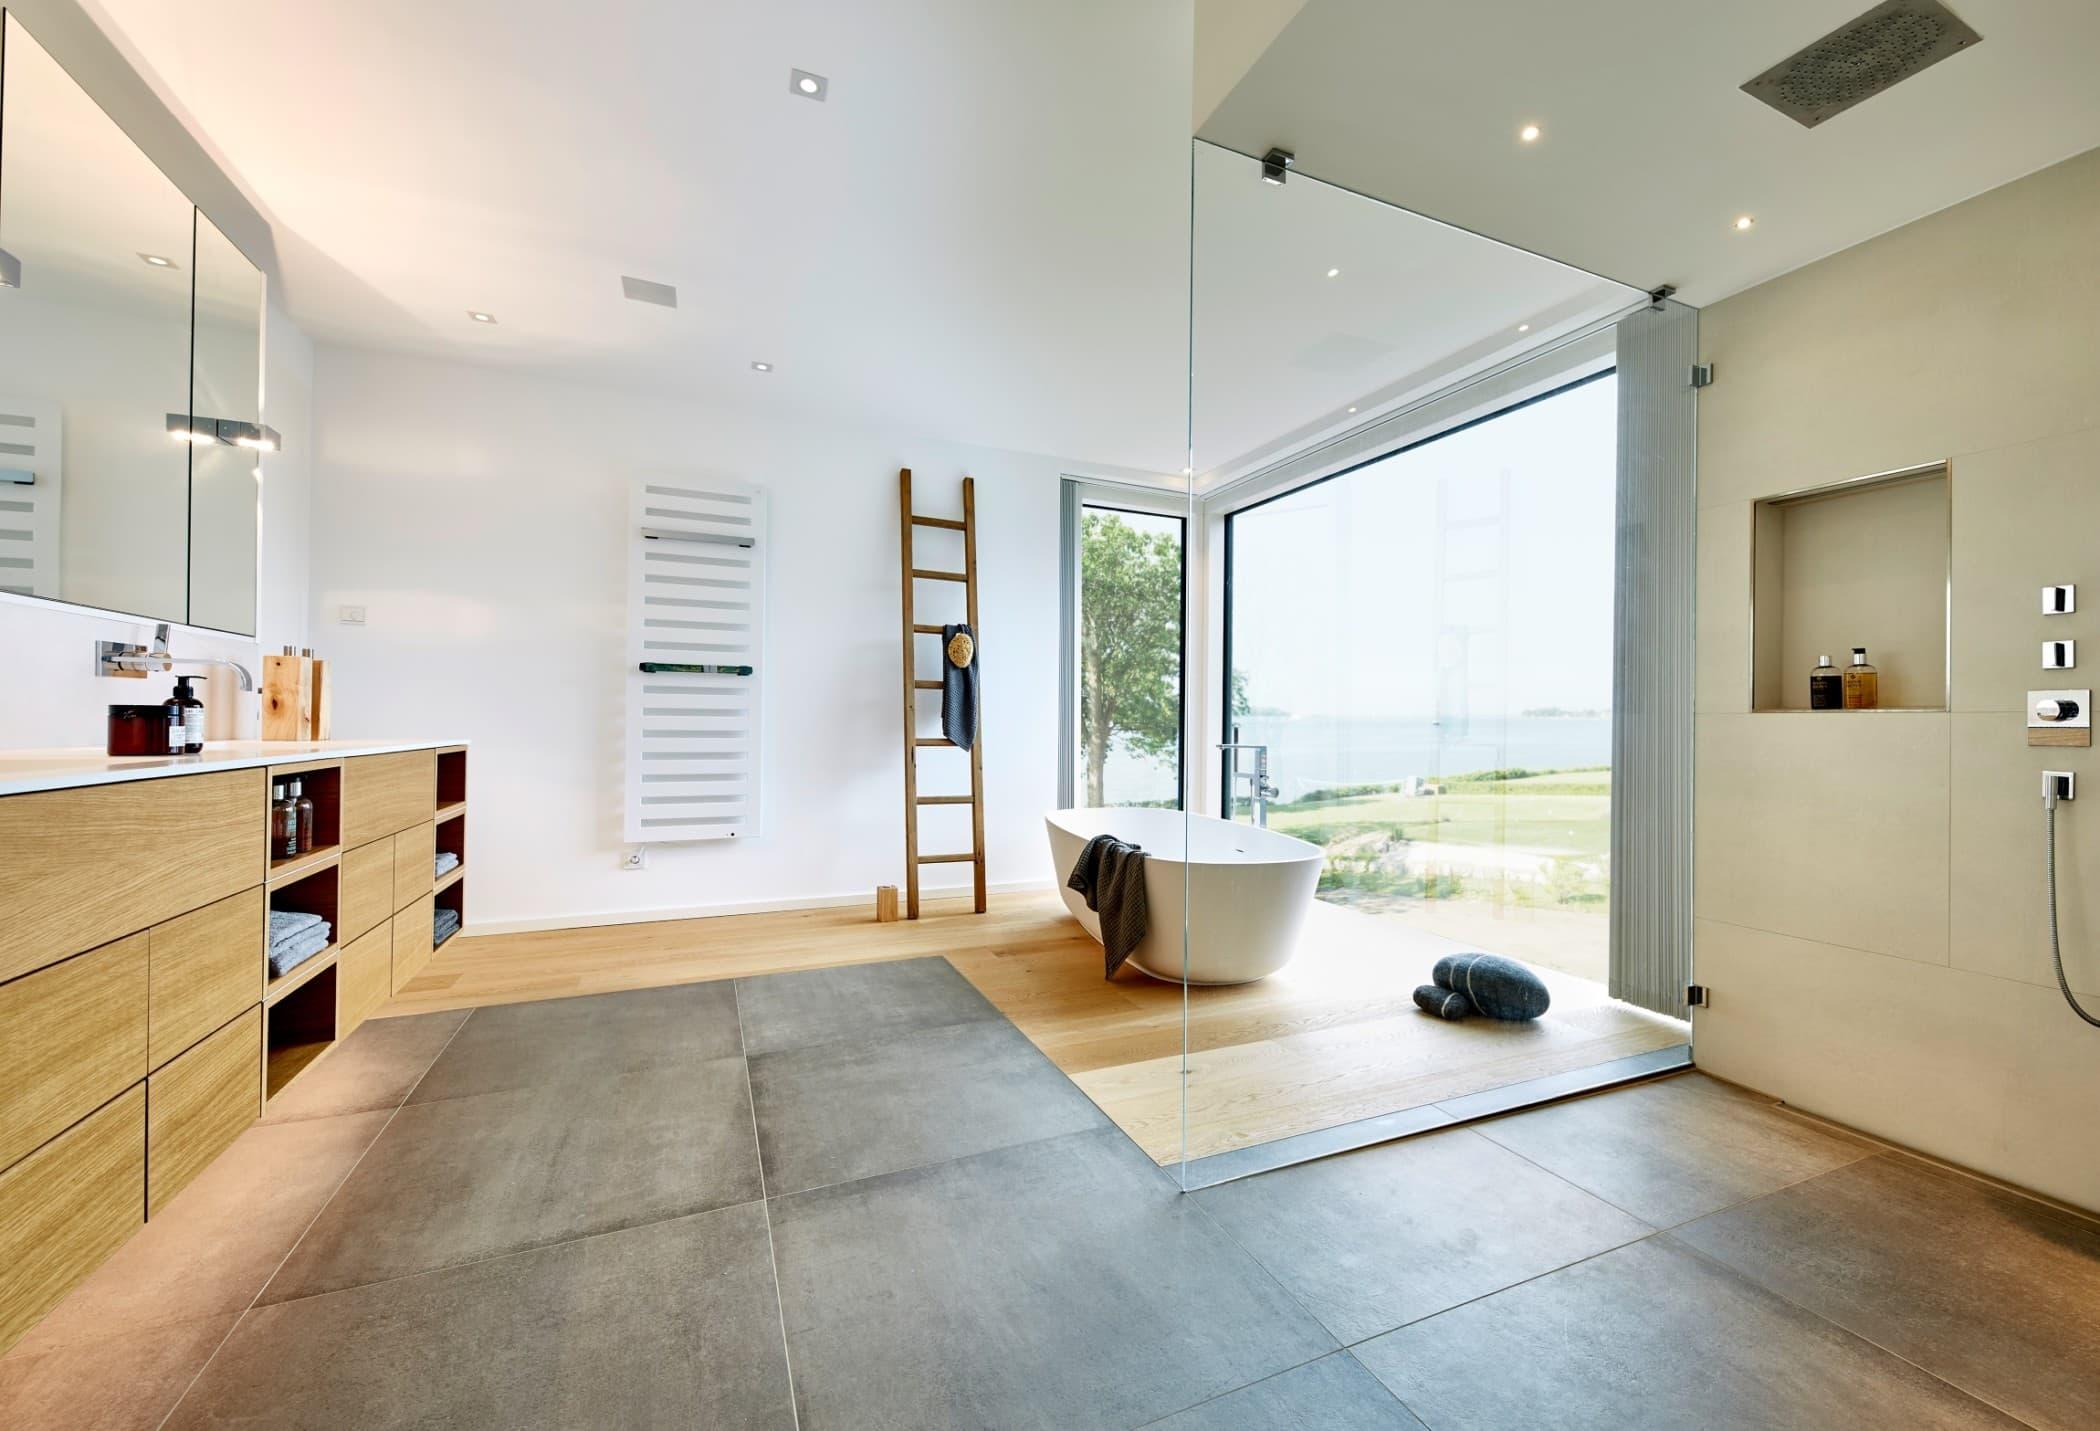 Luxuriöses Badezimmer mit bodengleicher Dusche & Badewanne freistehend - Ideen Interior Design Haus Inneneinrichtung BAUFRITZ Architektenhaus MEHRBLICK - HausbauDirekt.de